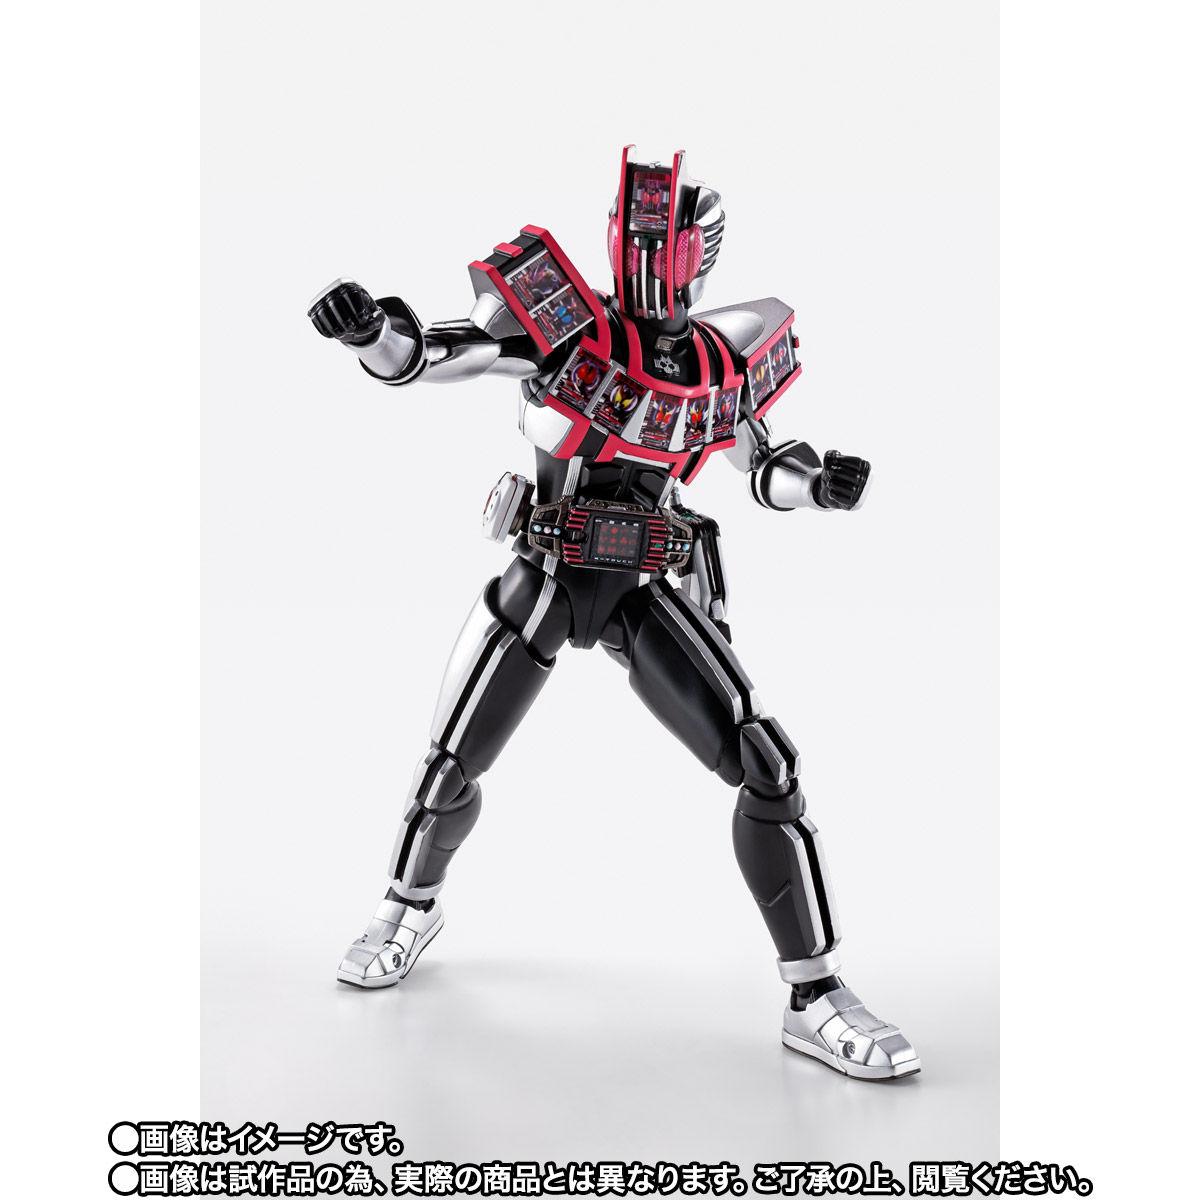 【限定販売】S.H.Figuarts(真骨彫製法)『仮面ライダーディケイド コンプリートフォーム』可動フィギュア-002